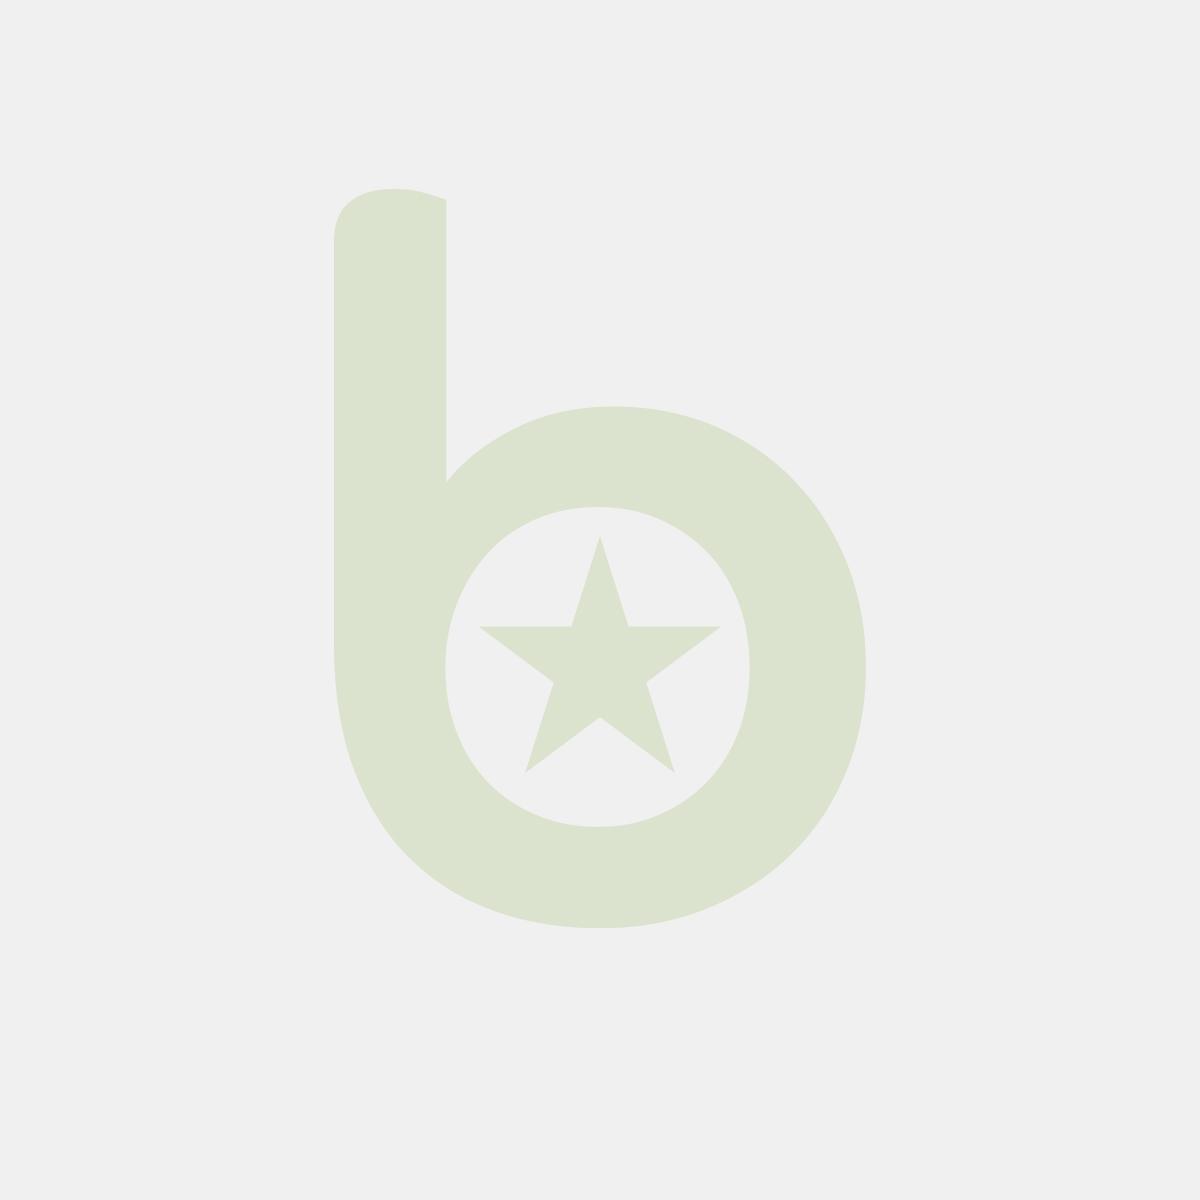 Miseczka FINGERFOOD transparentna, szer/dł/wys: 6,2/6,2/5,5 PS, 25 szt. w opakowaniu